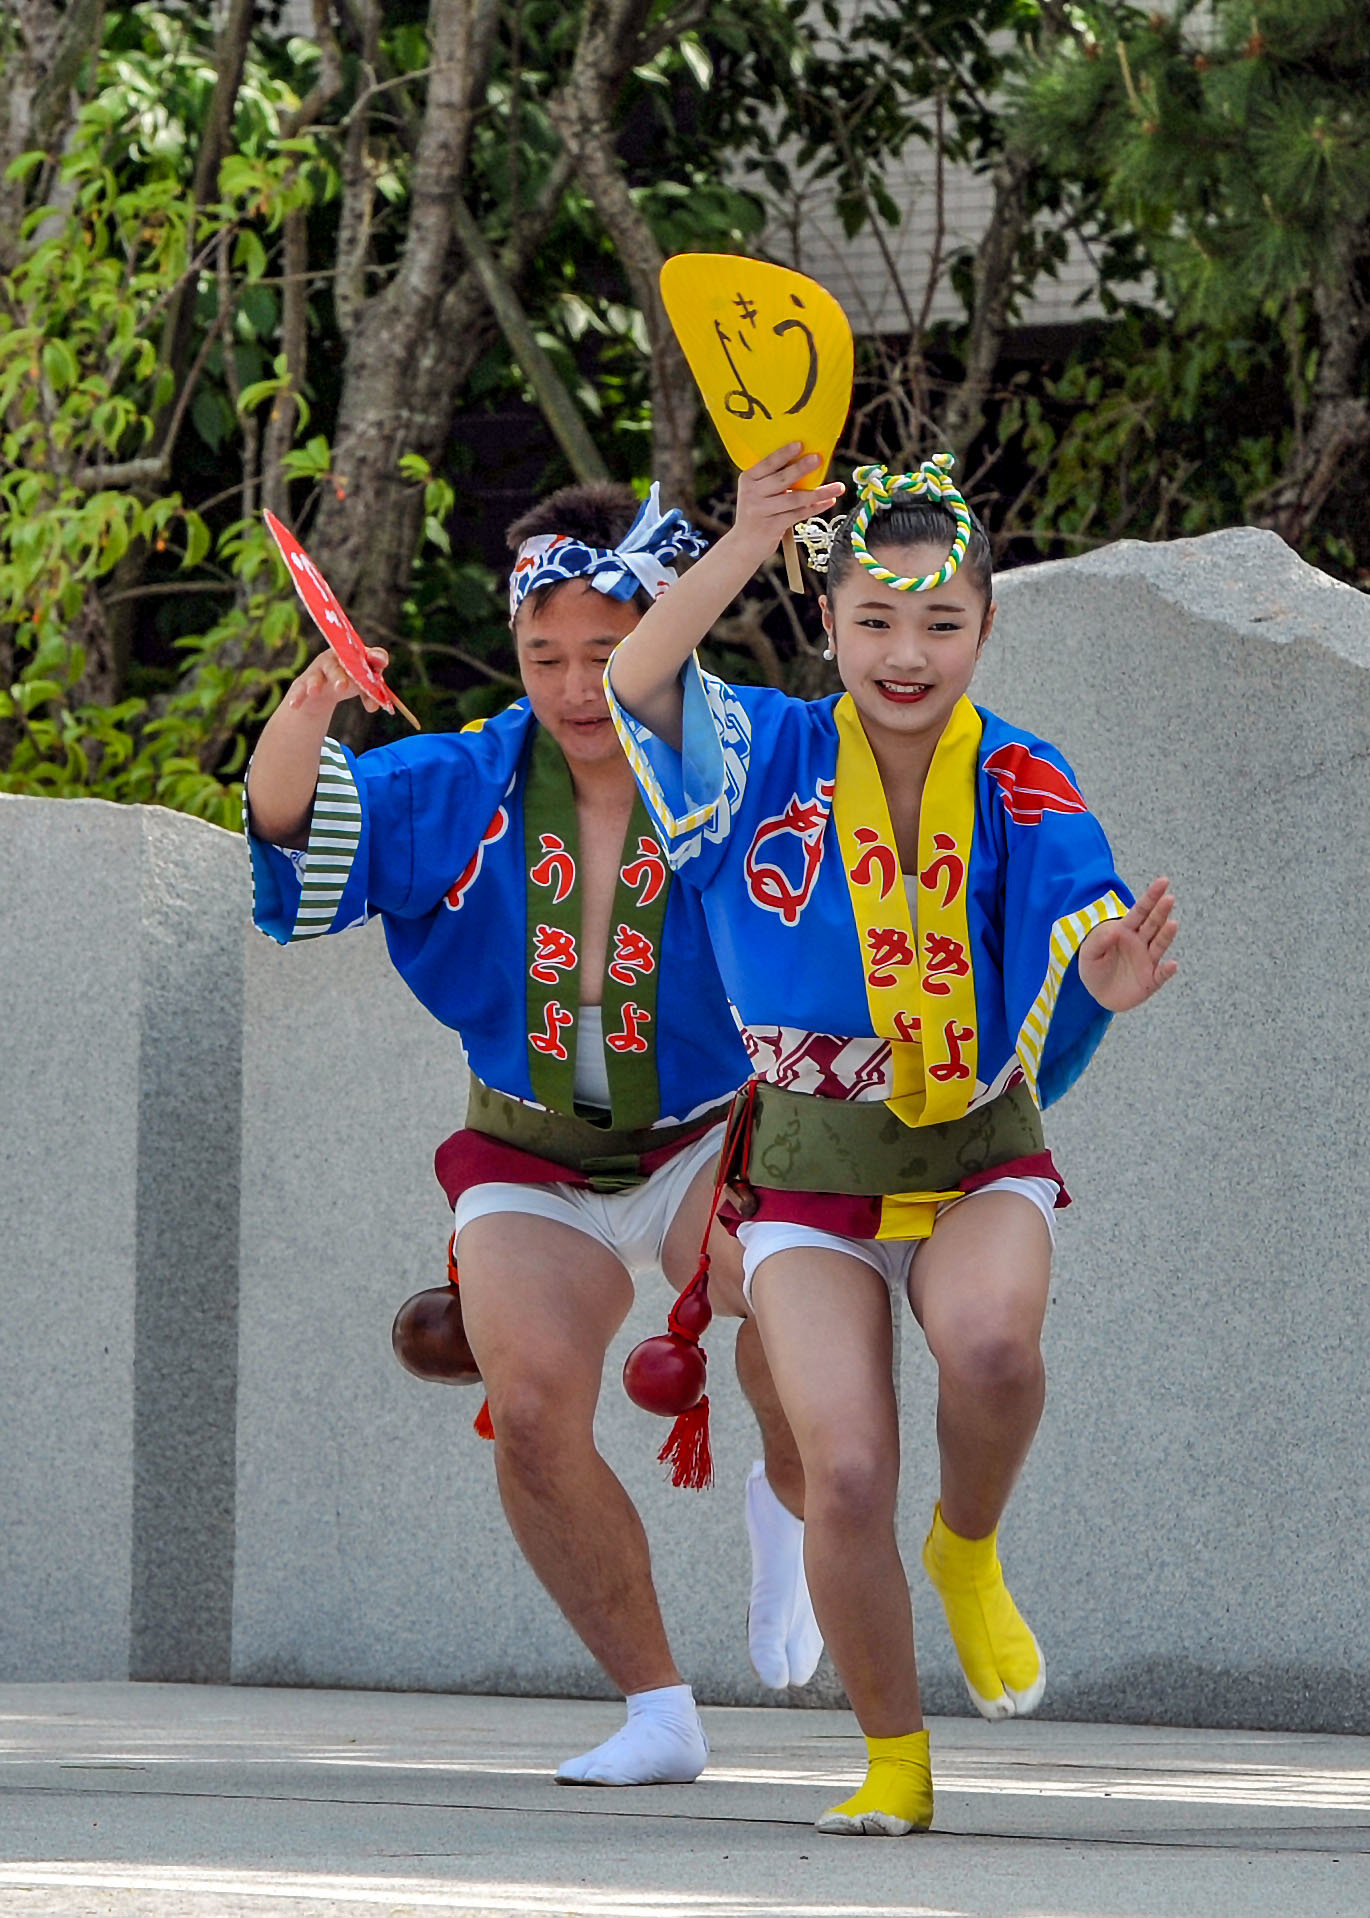 四国の祭り 2018  うきよ連「徳島県 阿波踊り」_d0246136_19562402.jpg